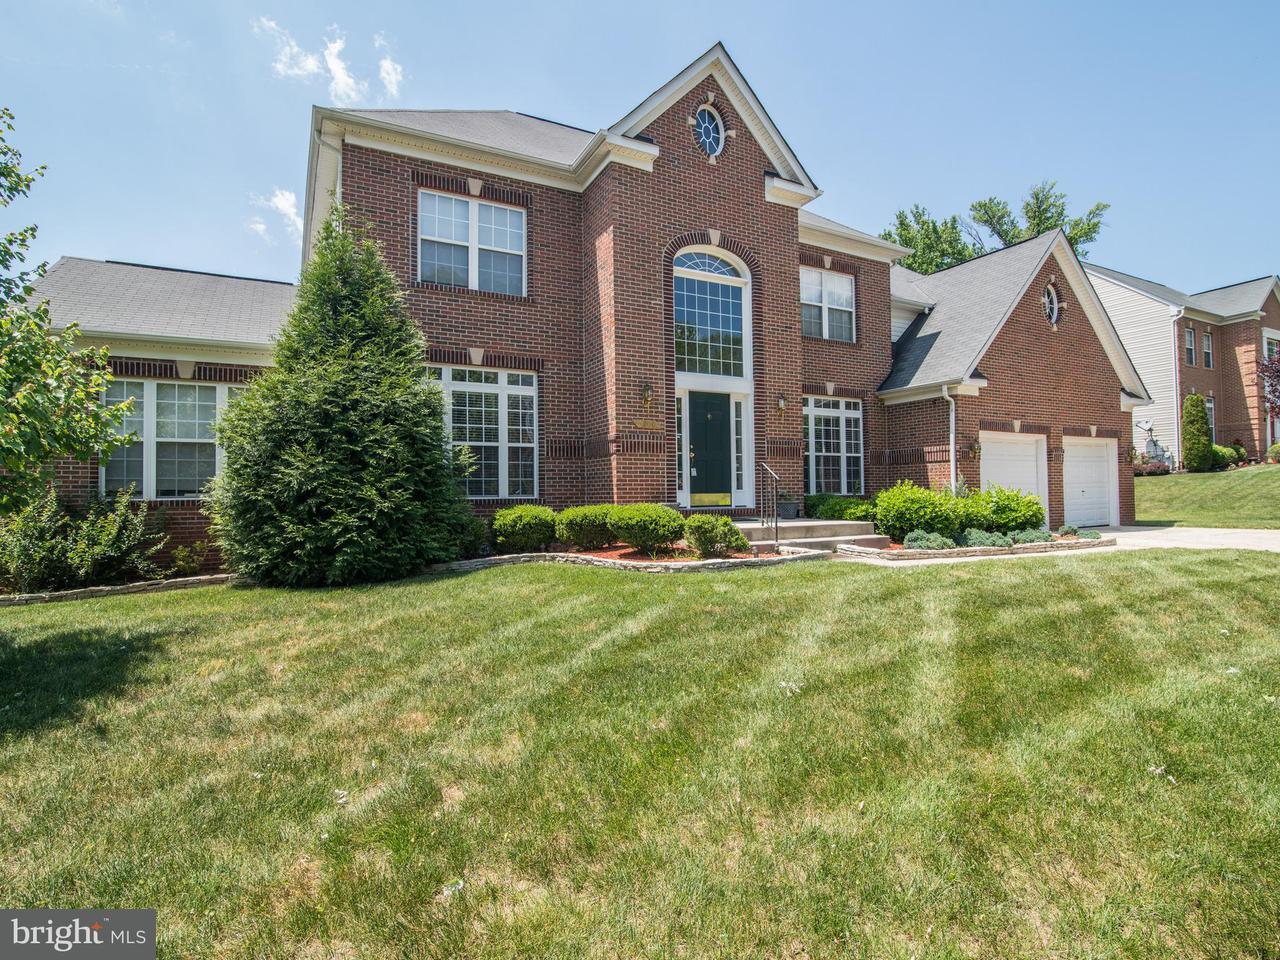 Single Family Home for Sale at 5200 Devonport Court 5200 Devonport Court Glenn Dale, Maryland 20769 United States